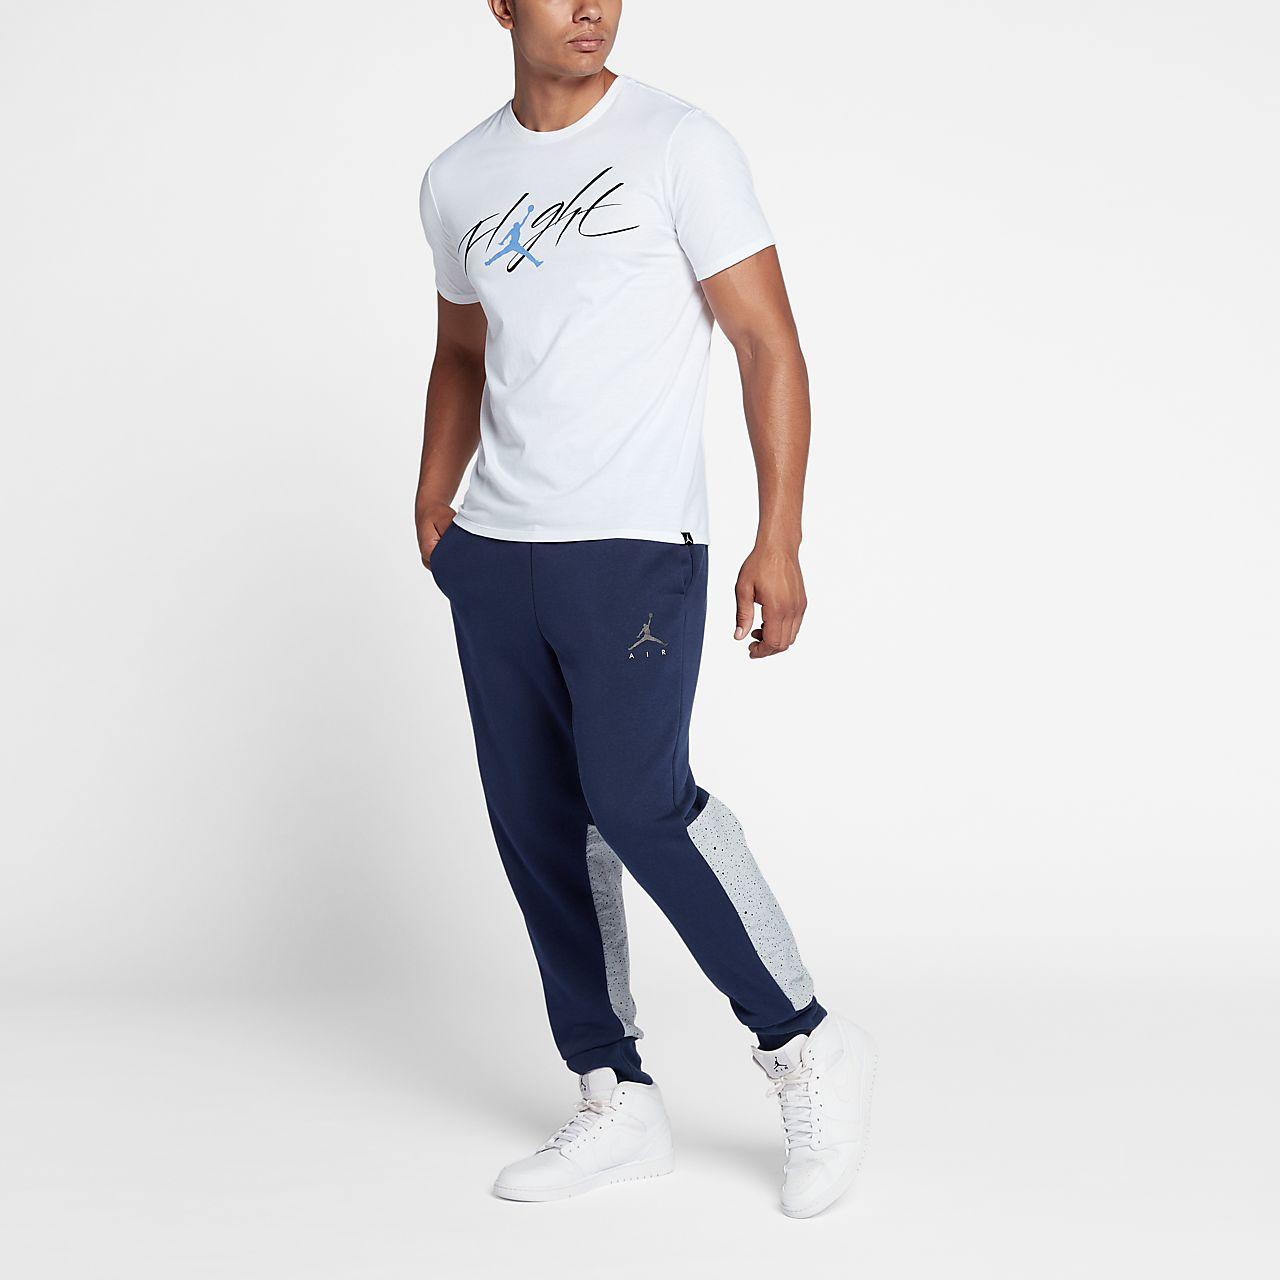 ... Jordan Sportswear Flight Men's T-Shirt